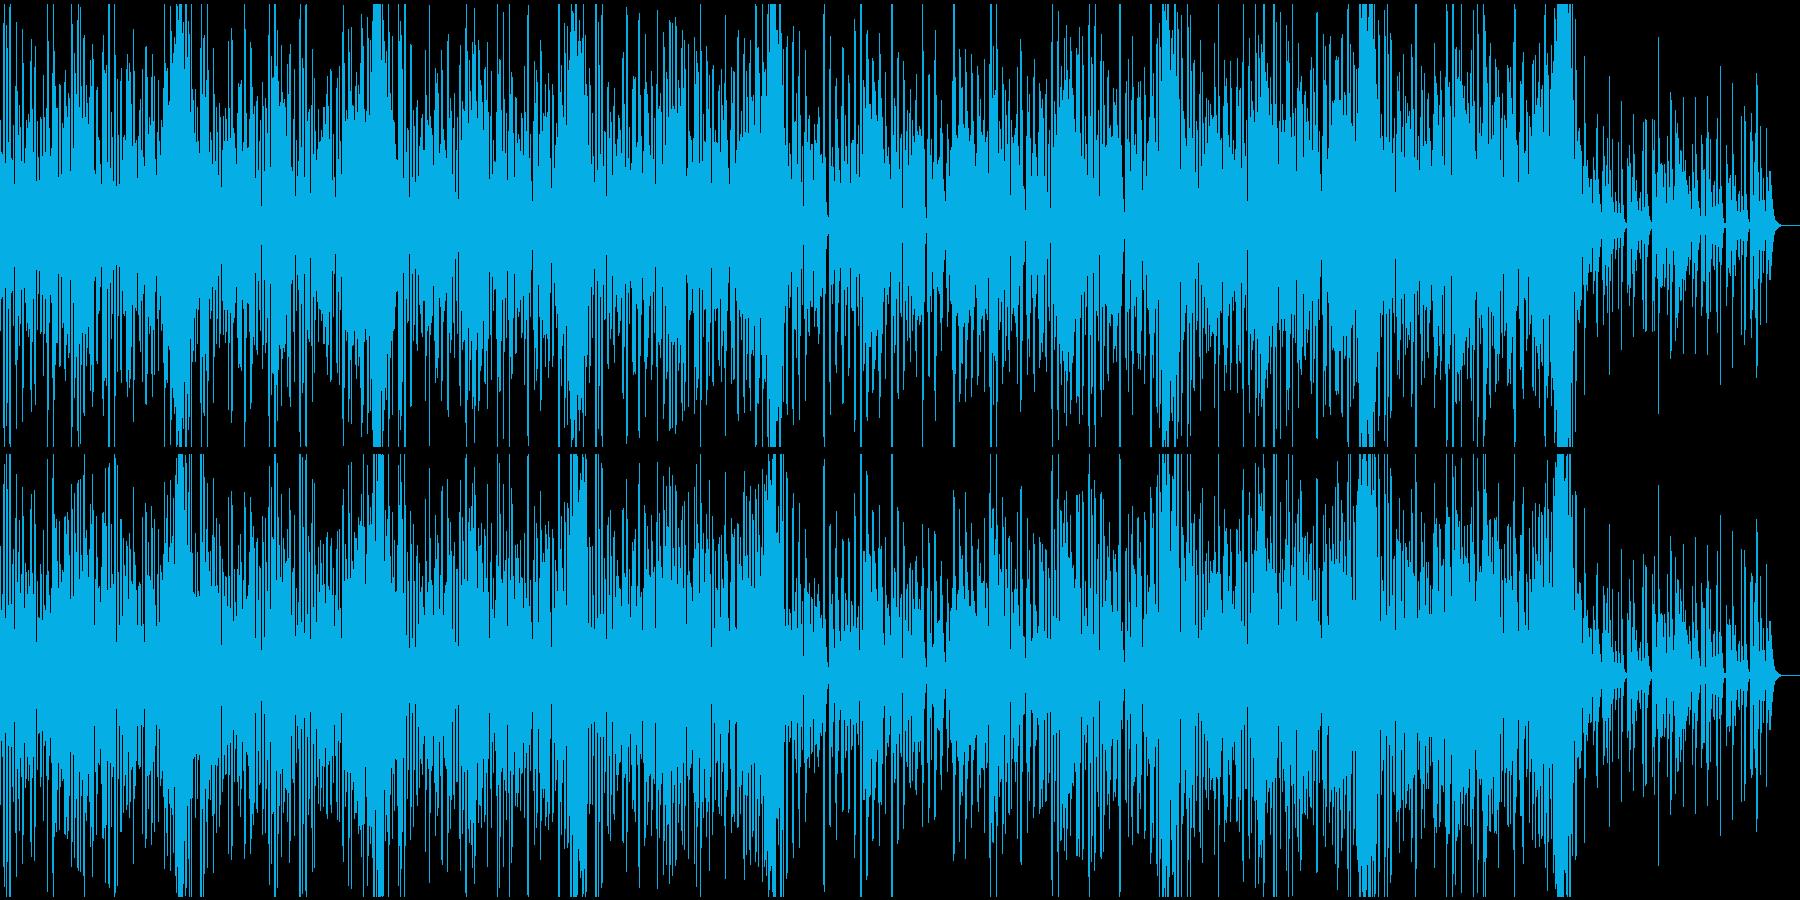 楽しい感じのエレクロトポップスの再生済みの波形